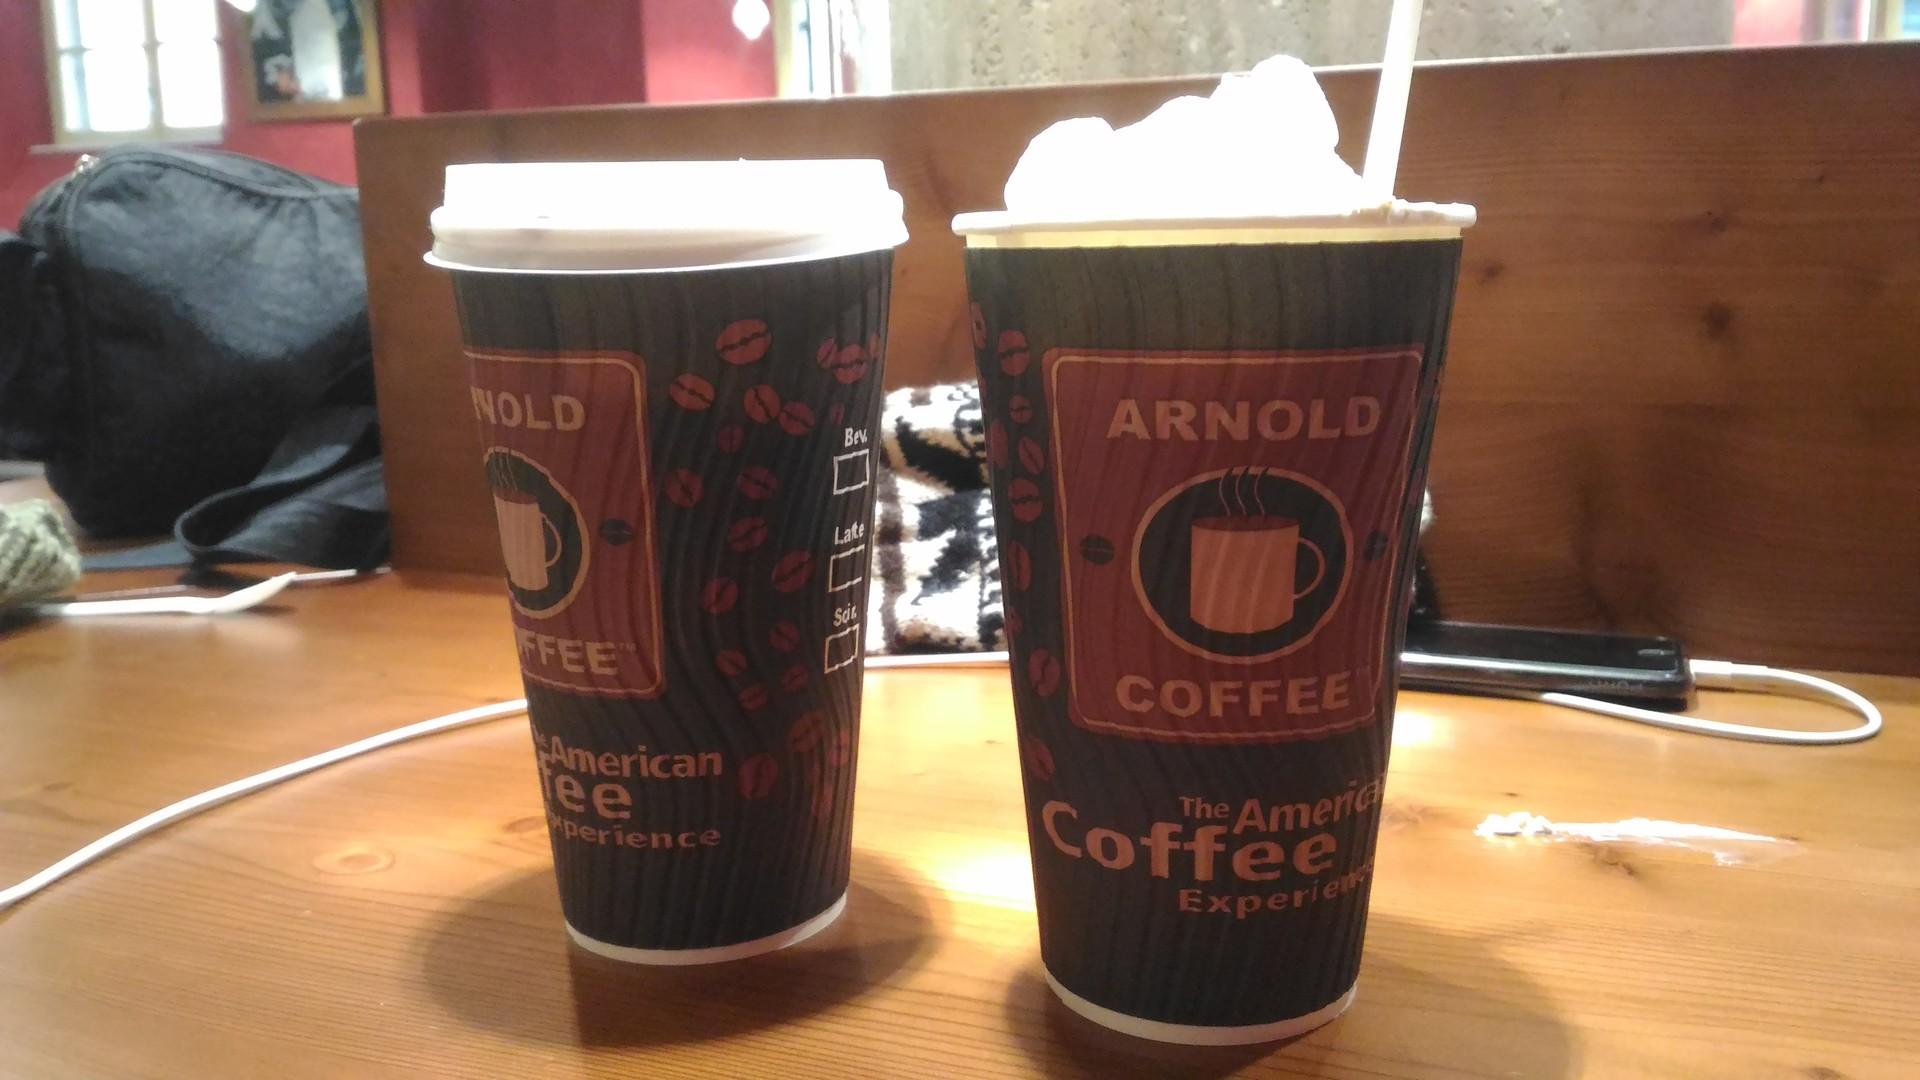 arnold-coffee-ee7af4ab5244c00425353d83e2